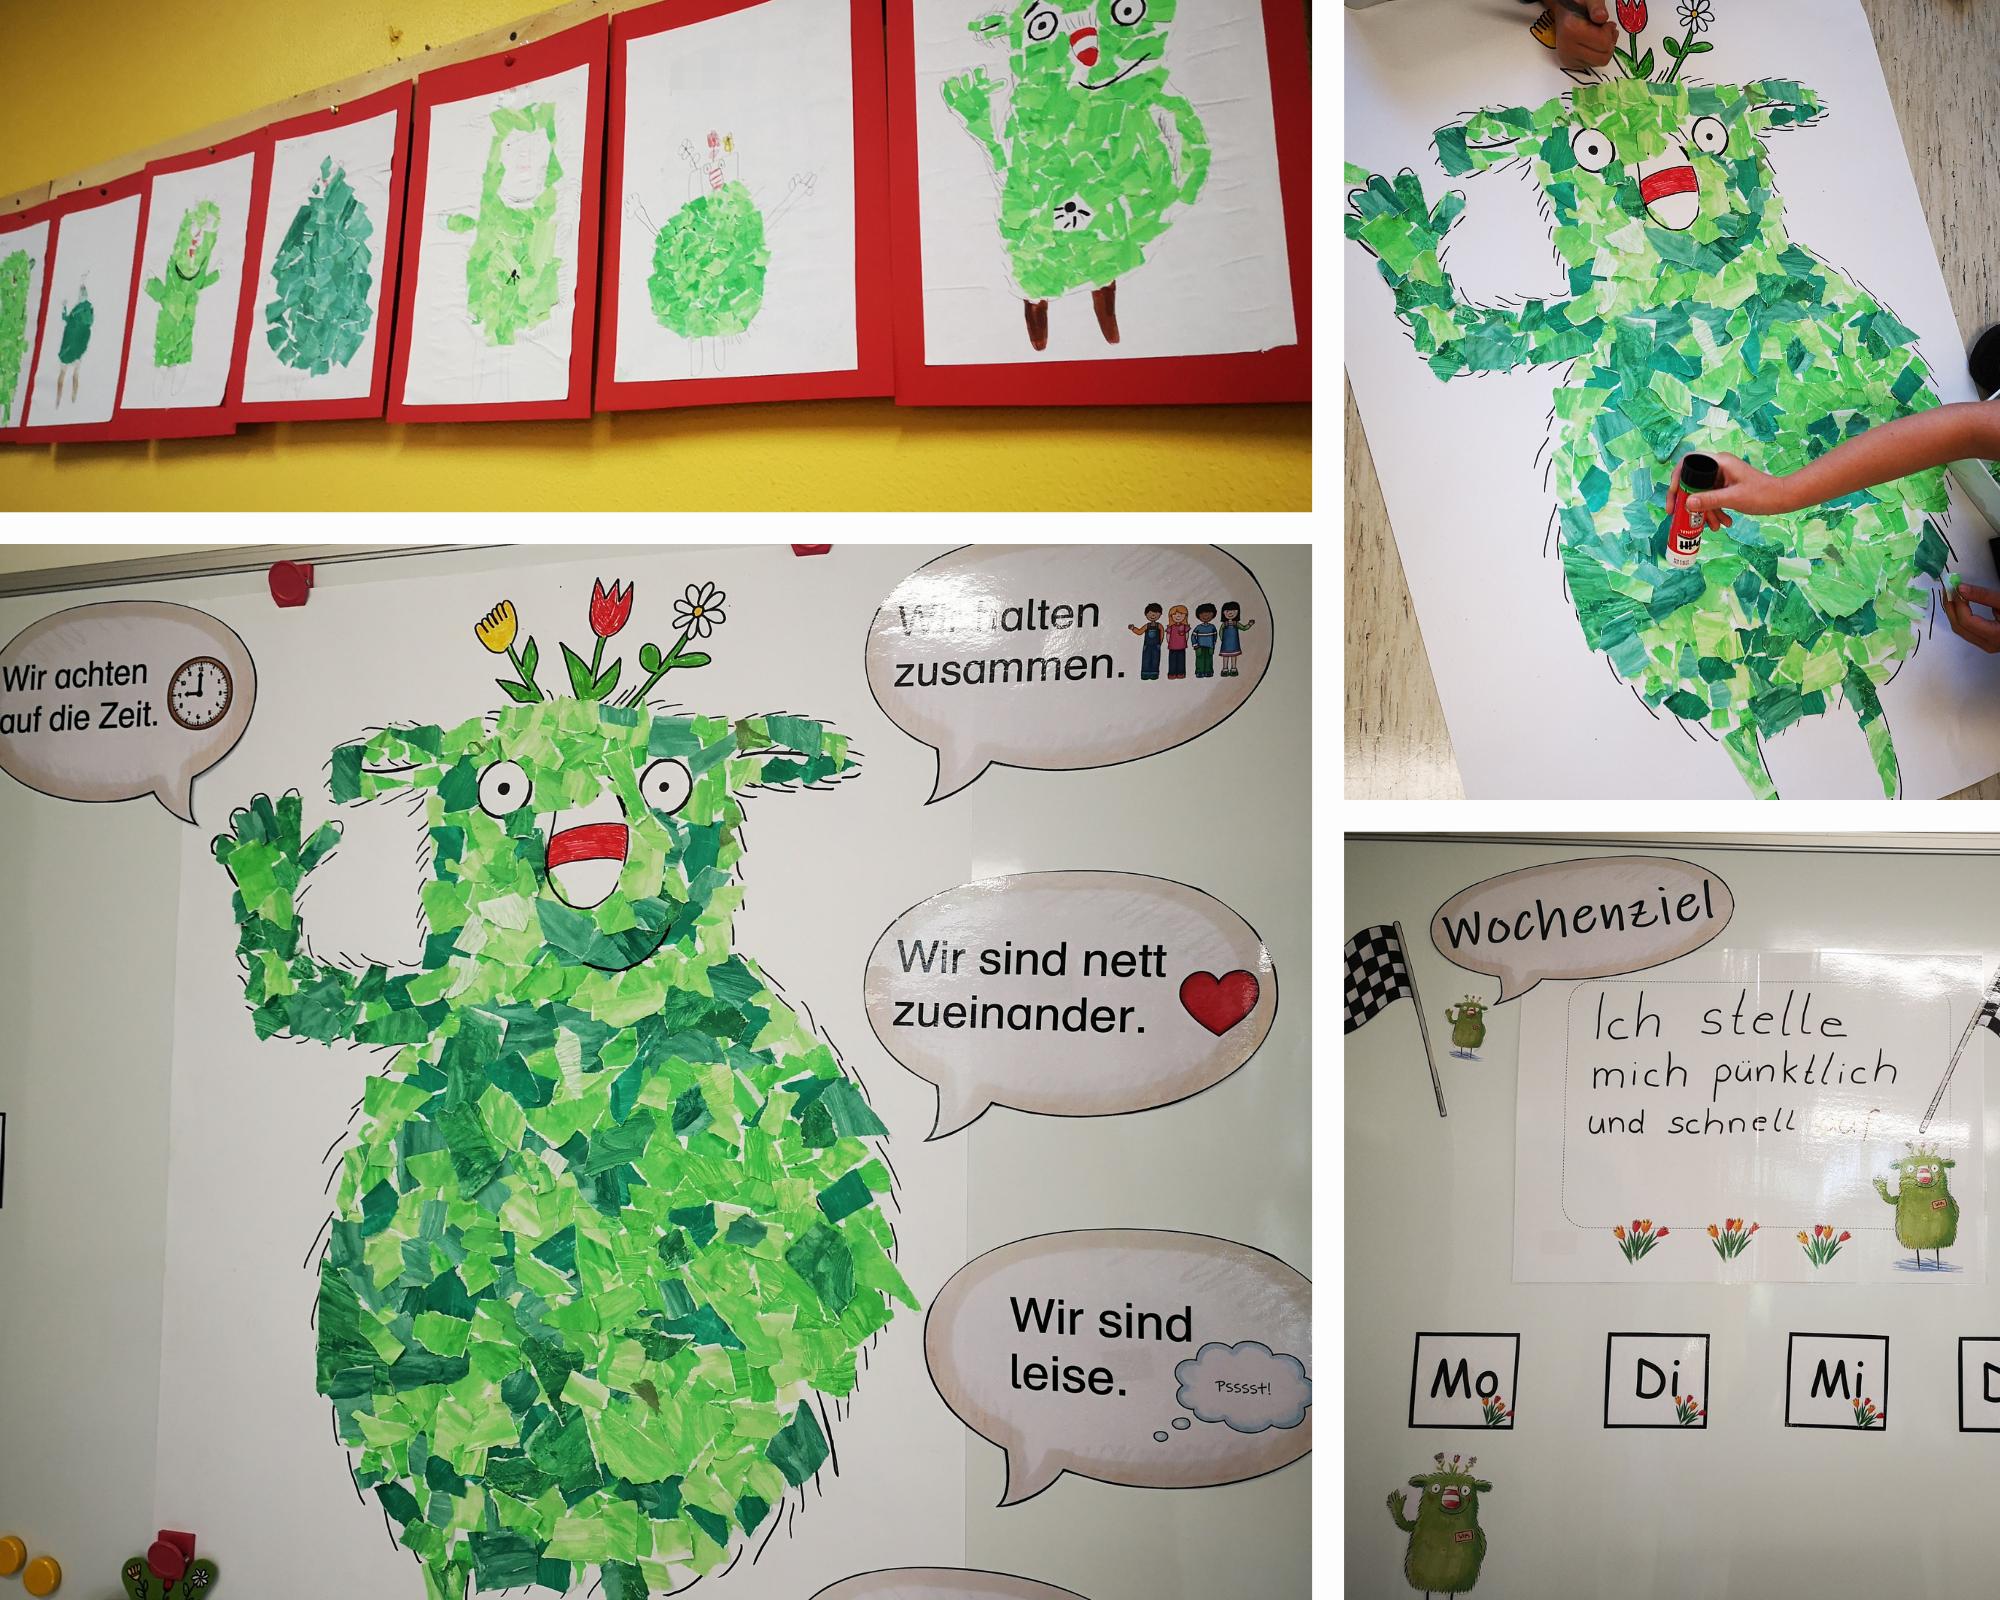 Das kleine WIR - ein Projekt zur Stärkung der Klassengemenschaft.